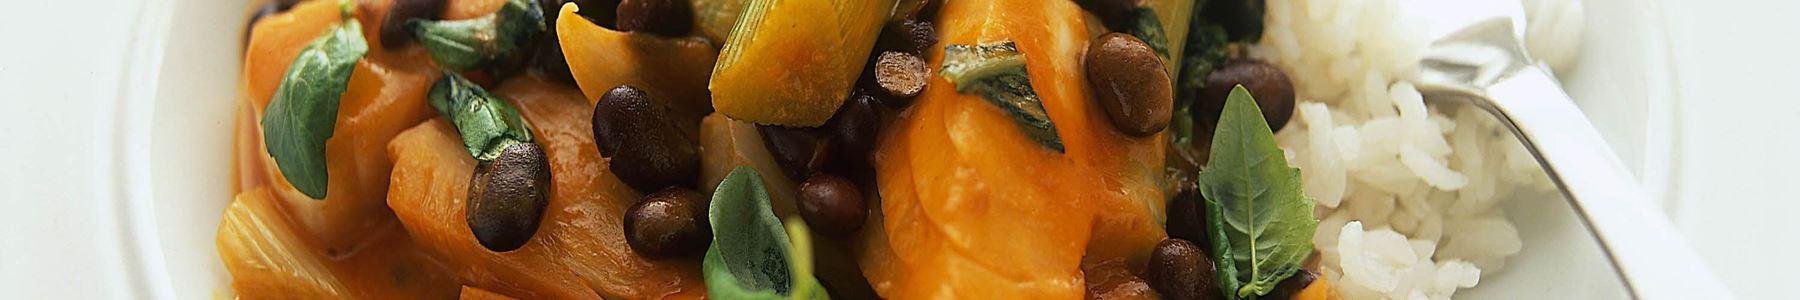 Fennikel + Vegetar + Efterår